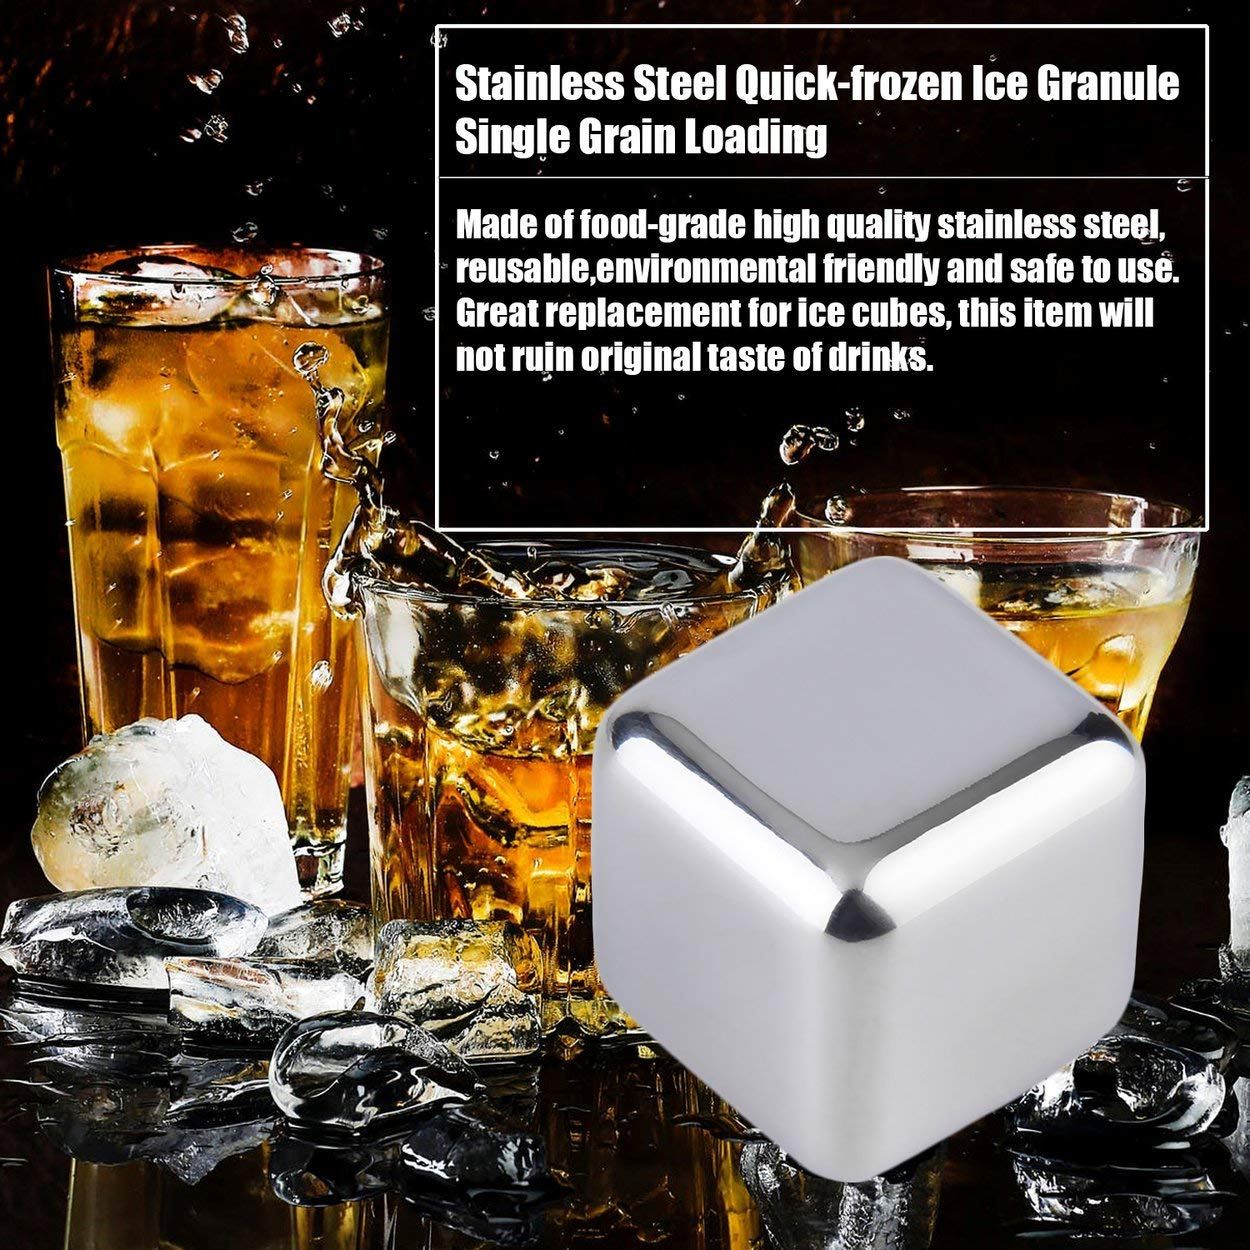 Tree-on-Life 1 Unids Reutilizable 304 2.5cm 2.5cm Piedras de Enfriador de Whisky de Acero Inoxidable Cubitos de Hielo Enfriadores Beber Herramientas de enfriamiento f/ísico 2.5cm